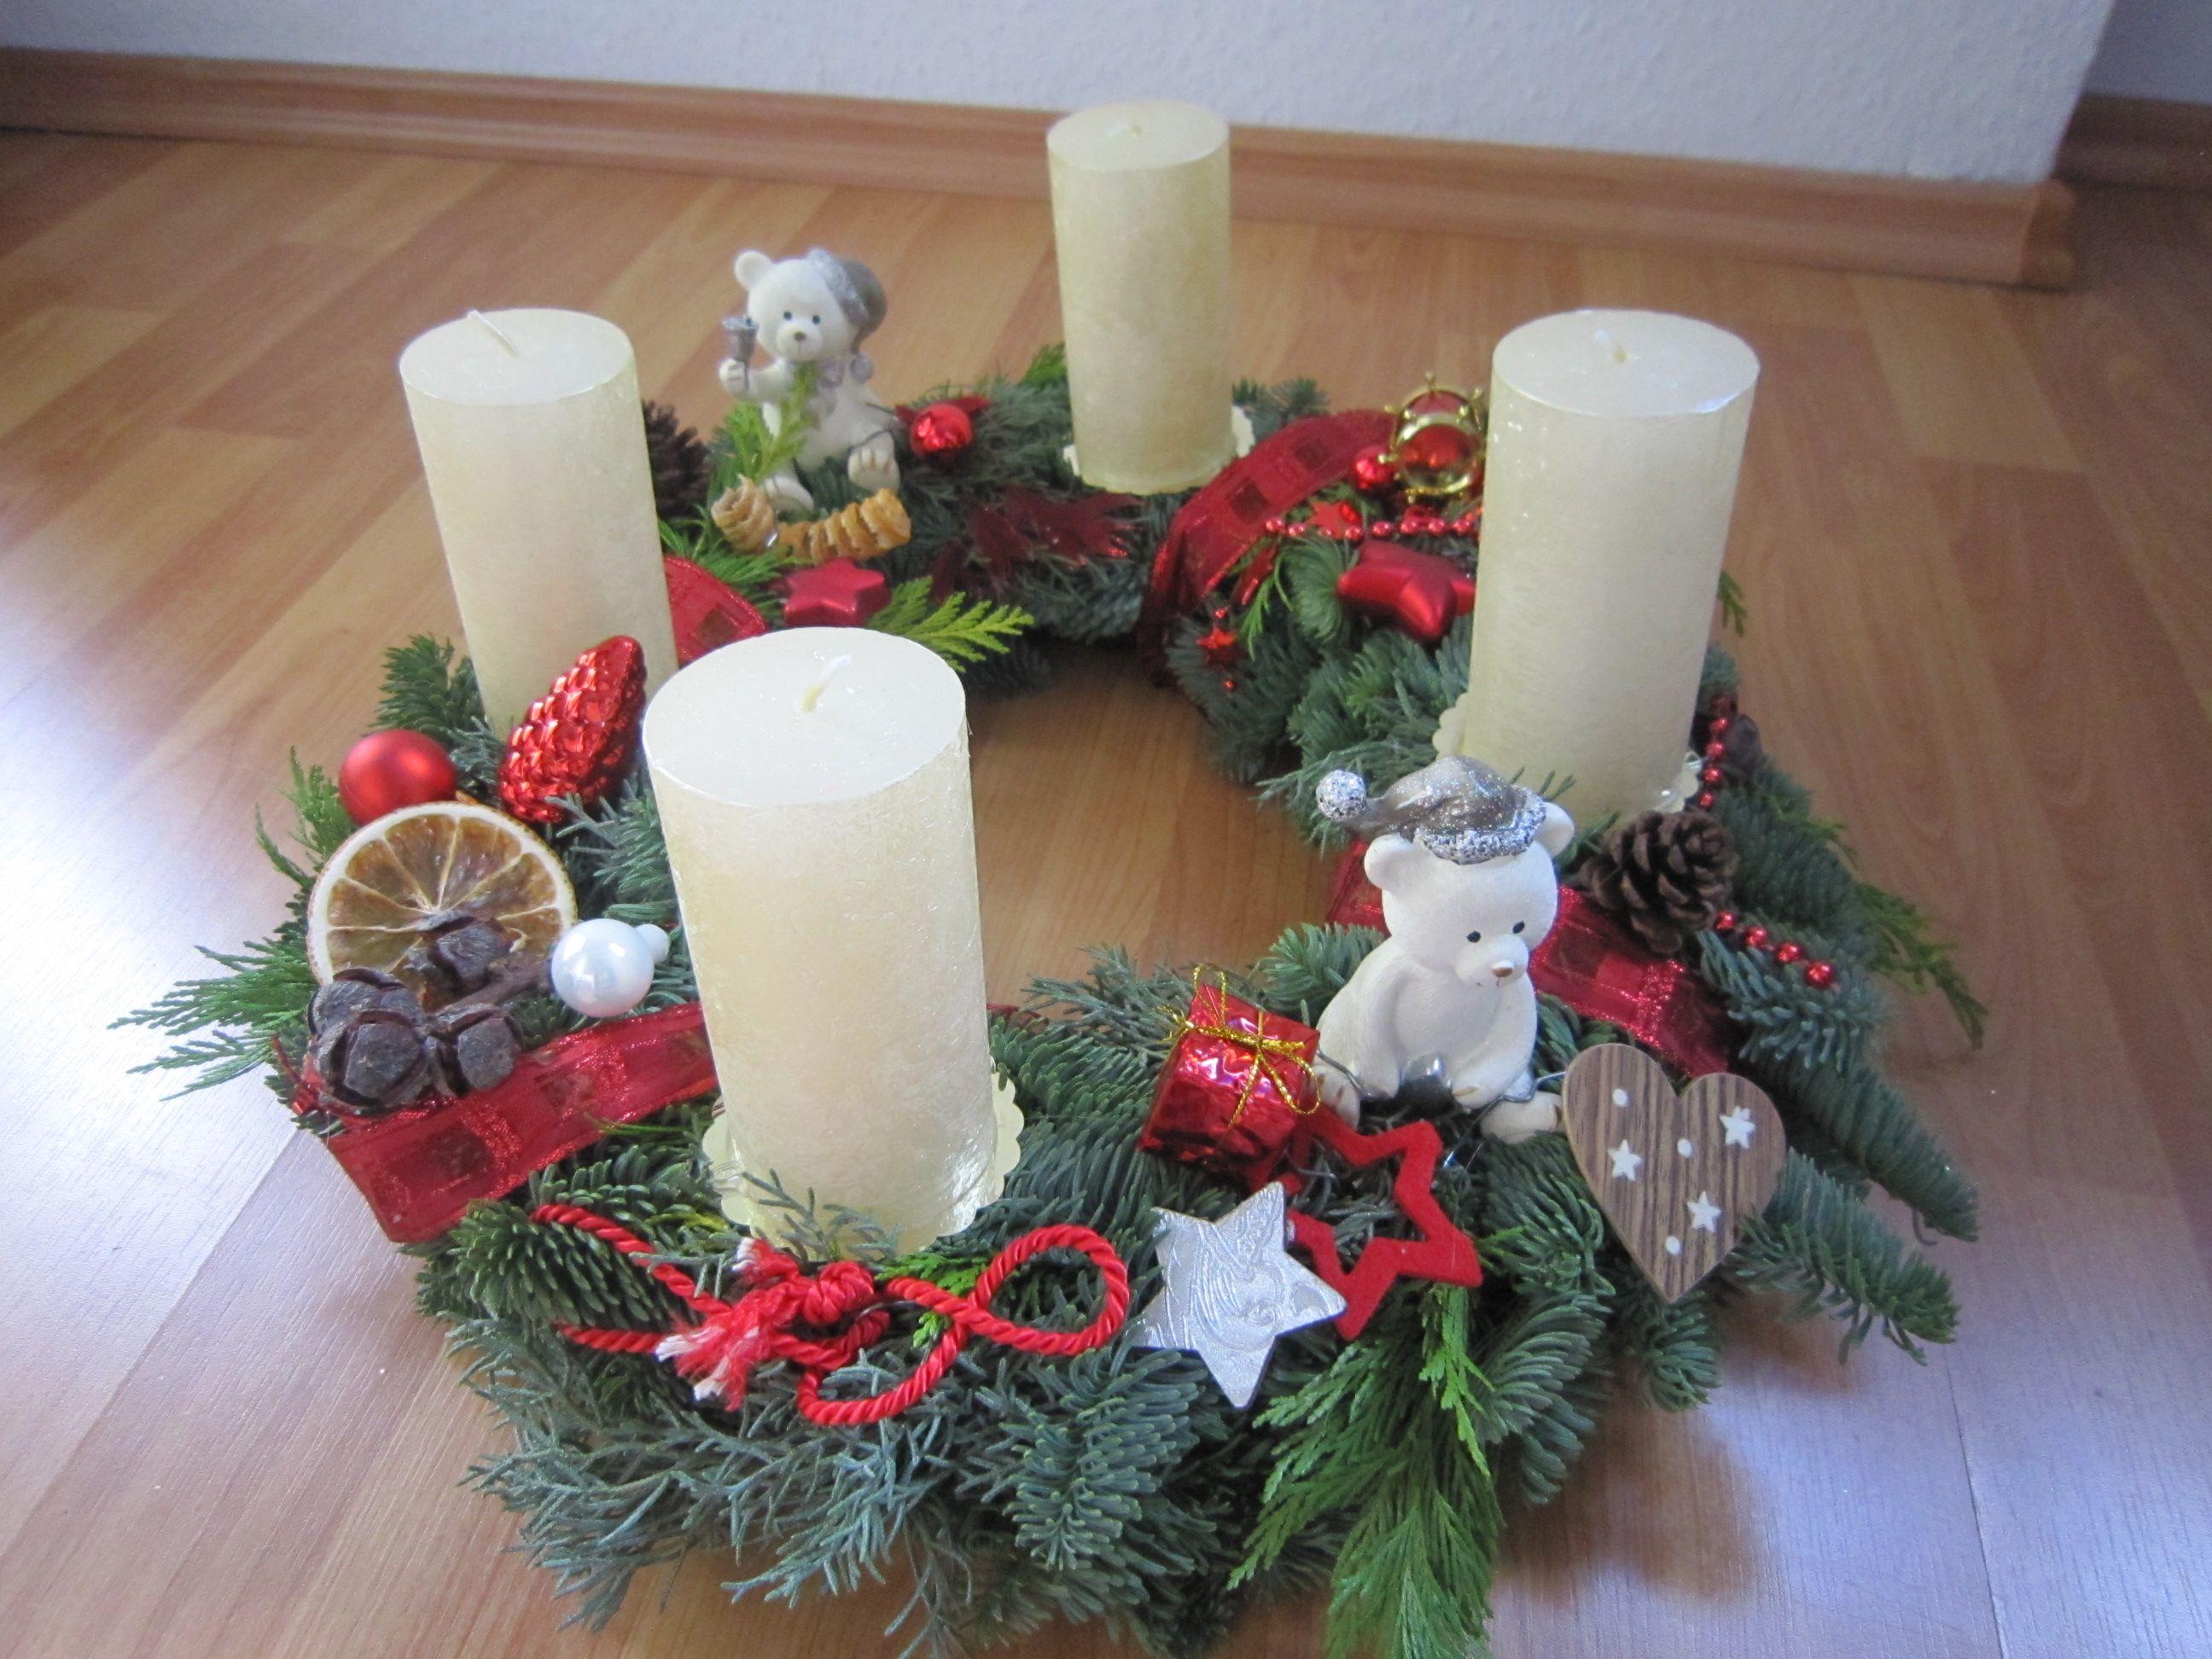 adventskranz weihnachtskranz wei rot mit eisb ren x mas adventskranz x mas deko pinterest. Black Bedroom Furniture Sets. Home Design Ideas